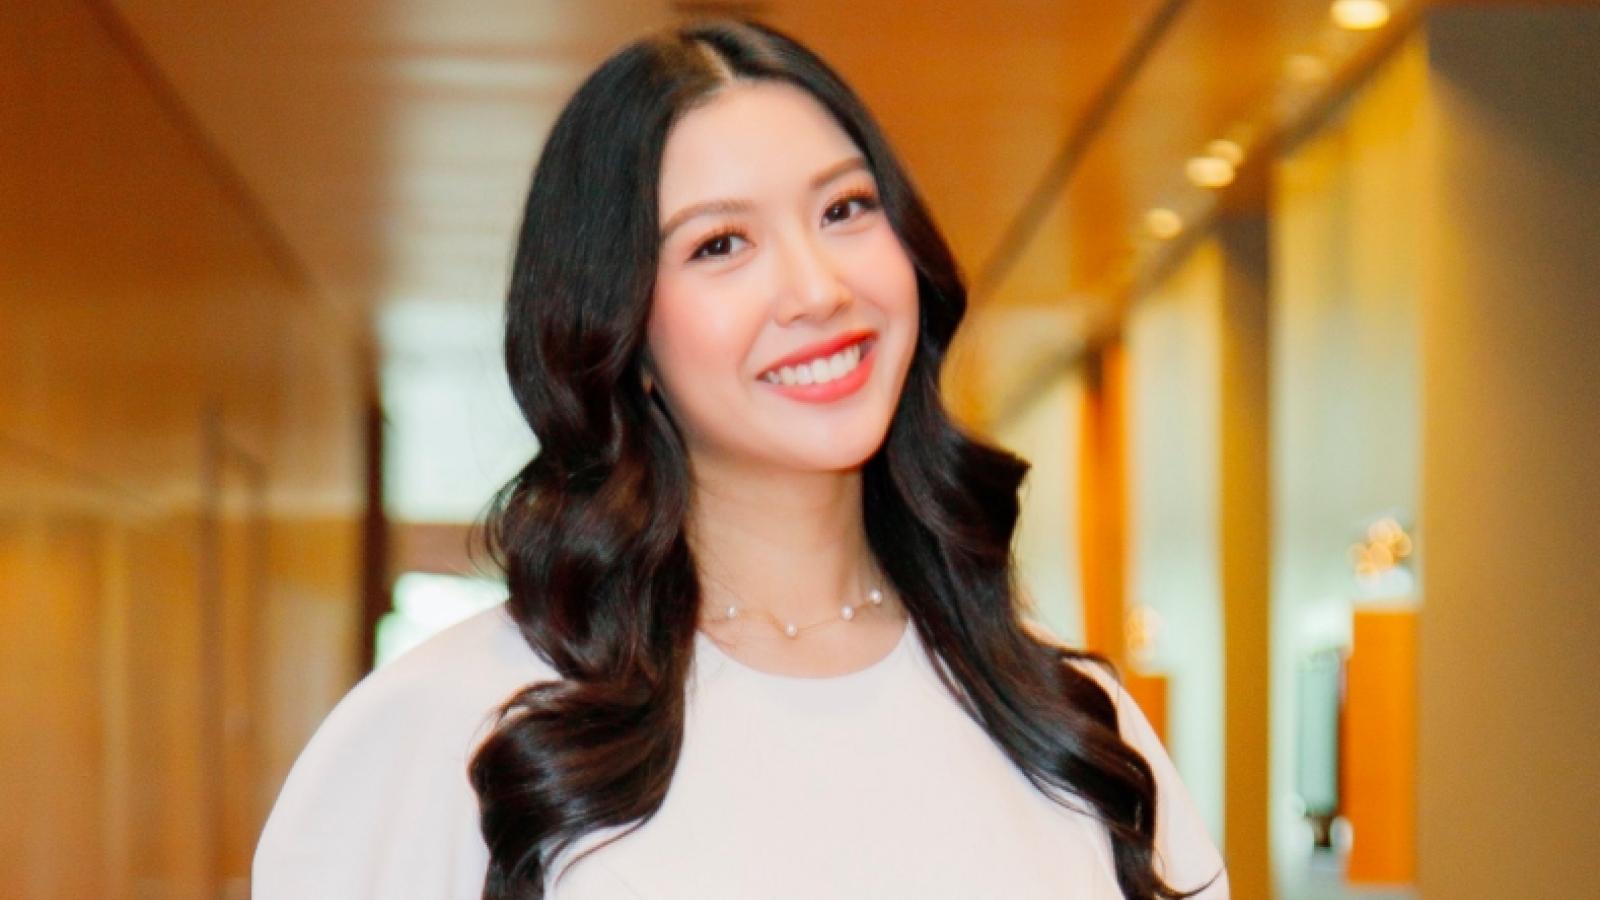 Á hậu Thuý Vân dẫn chương trình suốt 10 tiếng dù mới sinh con